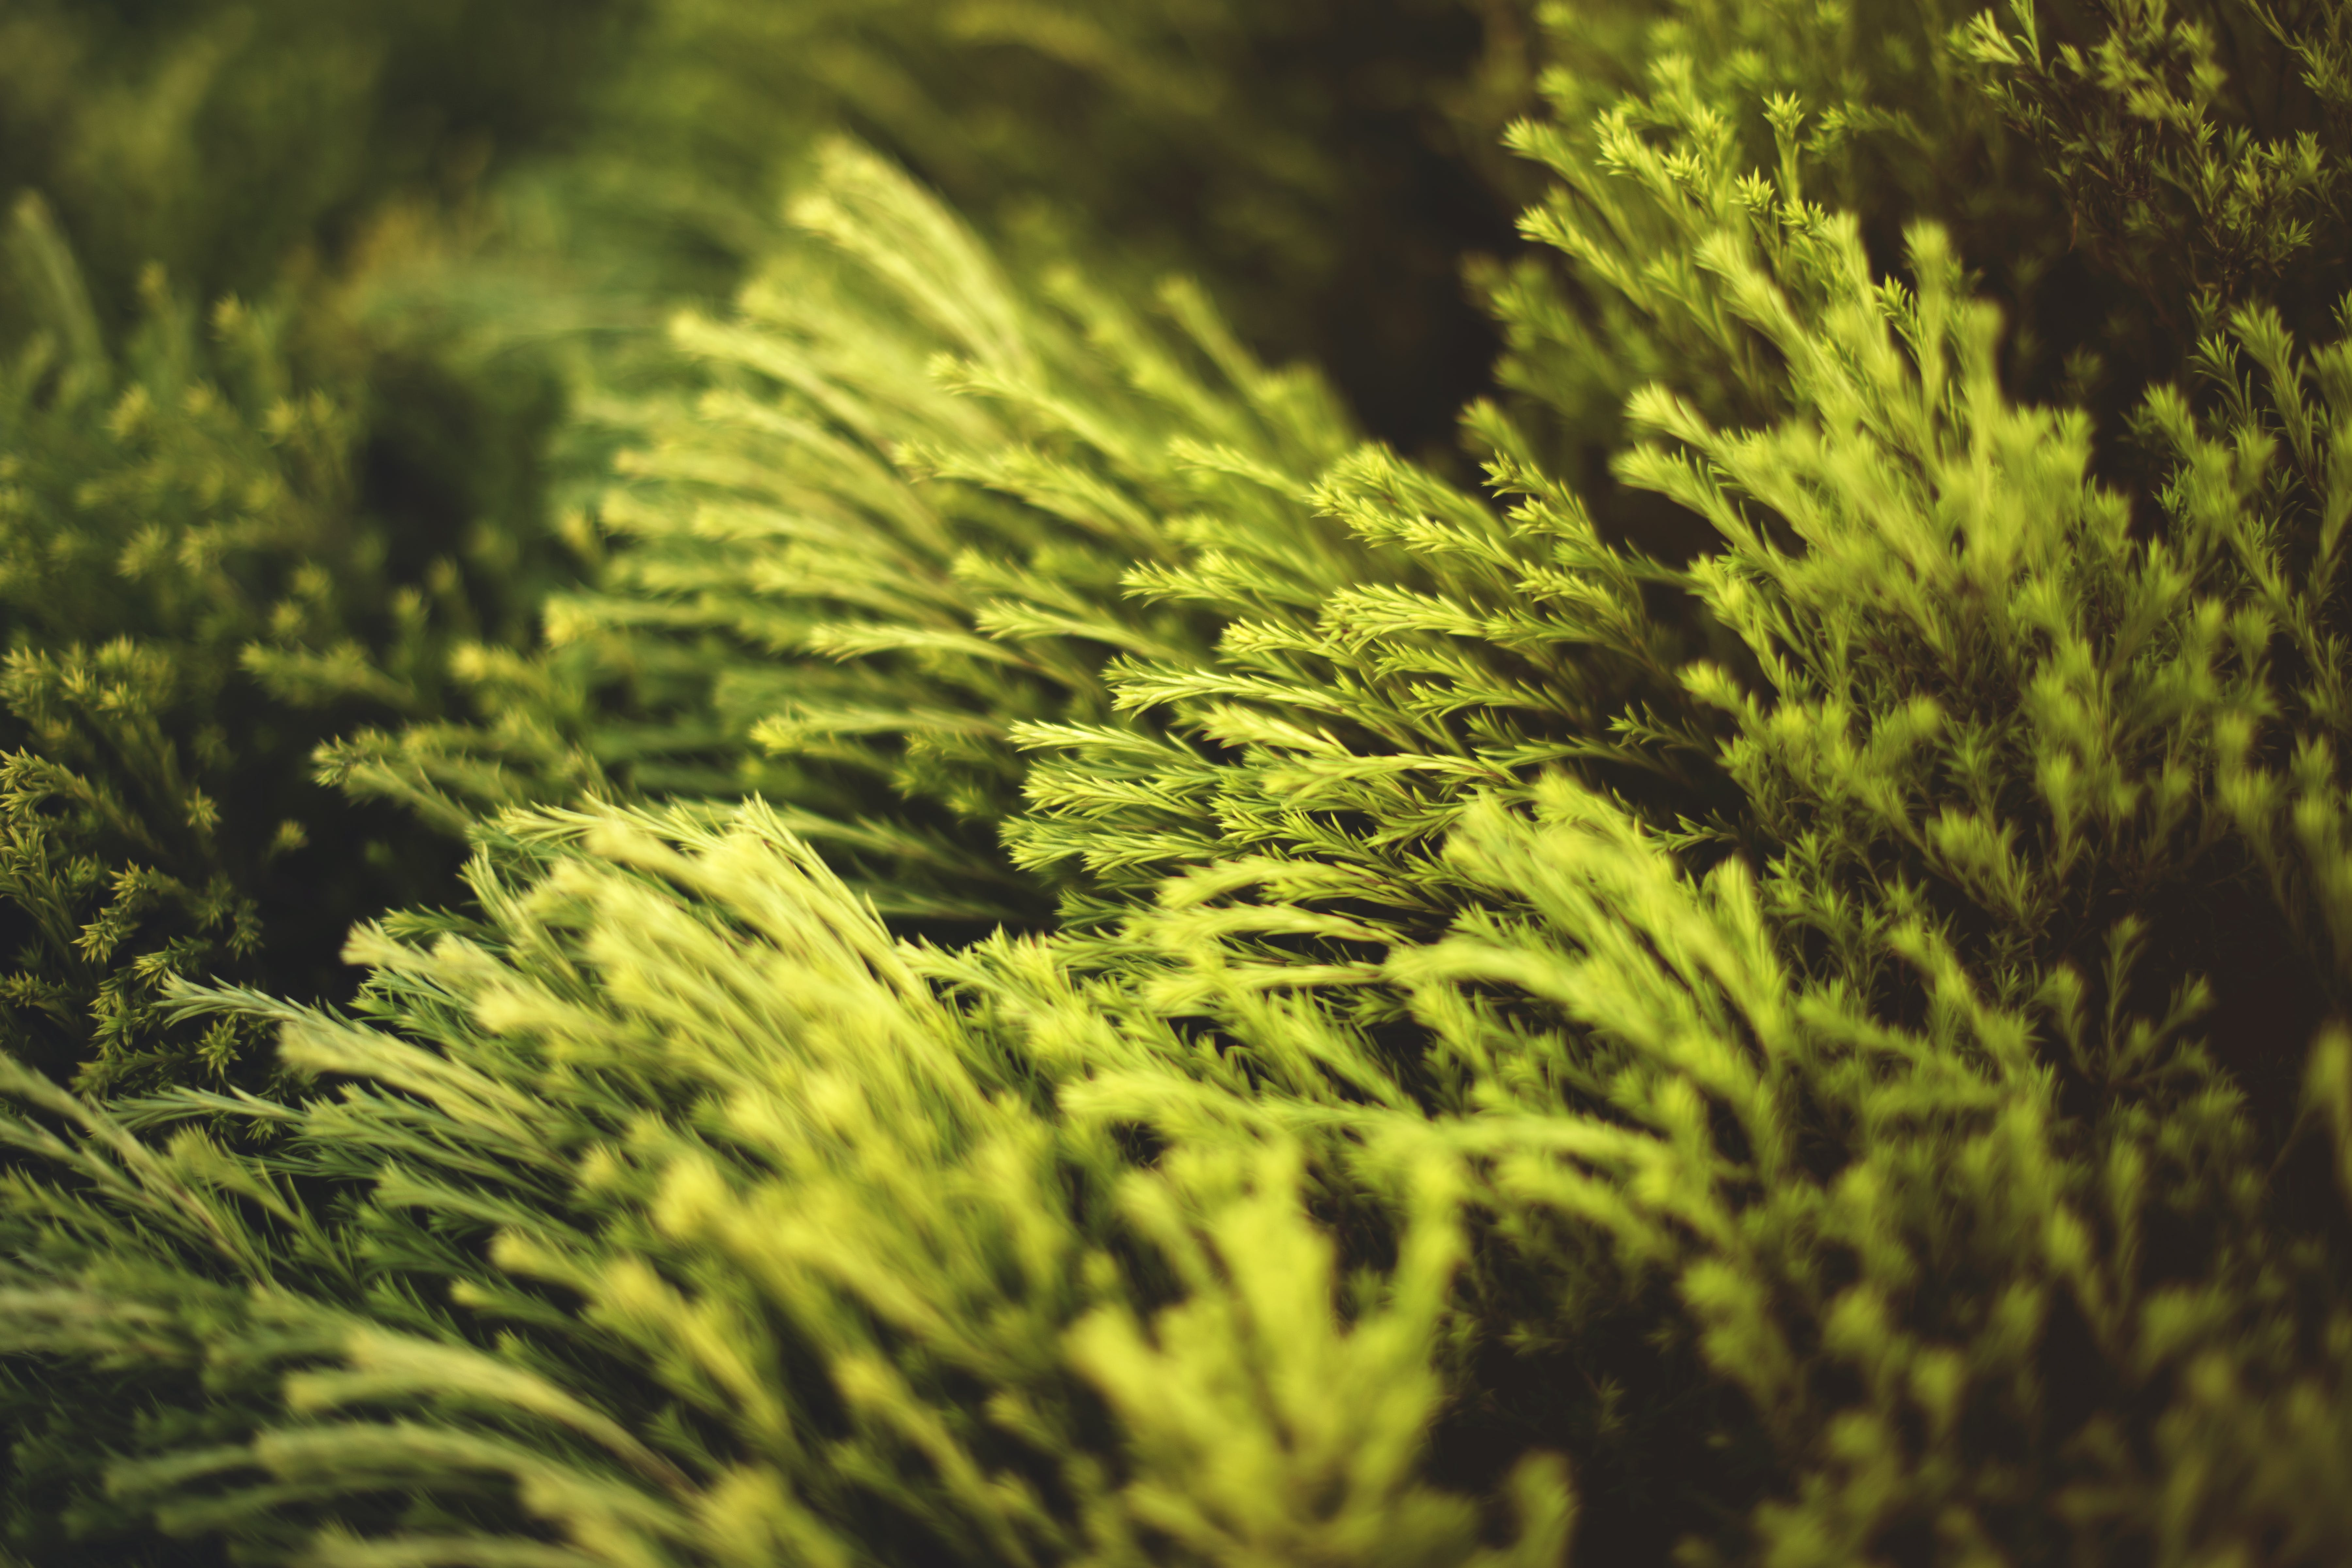 增長, 天性, 常綠, 模糊 的 免費圖庫相片